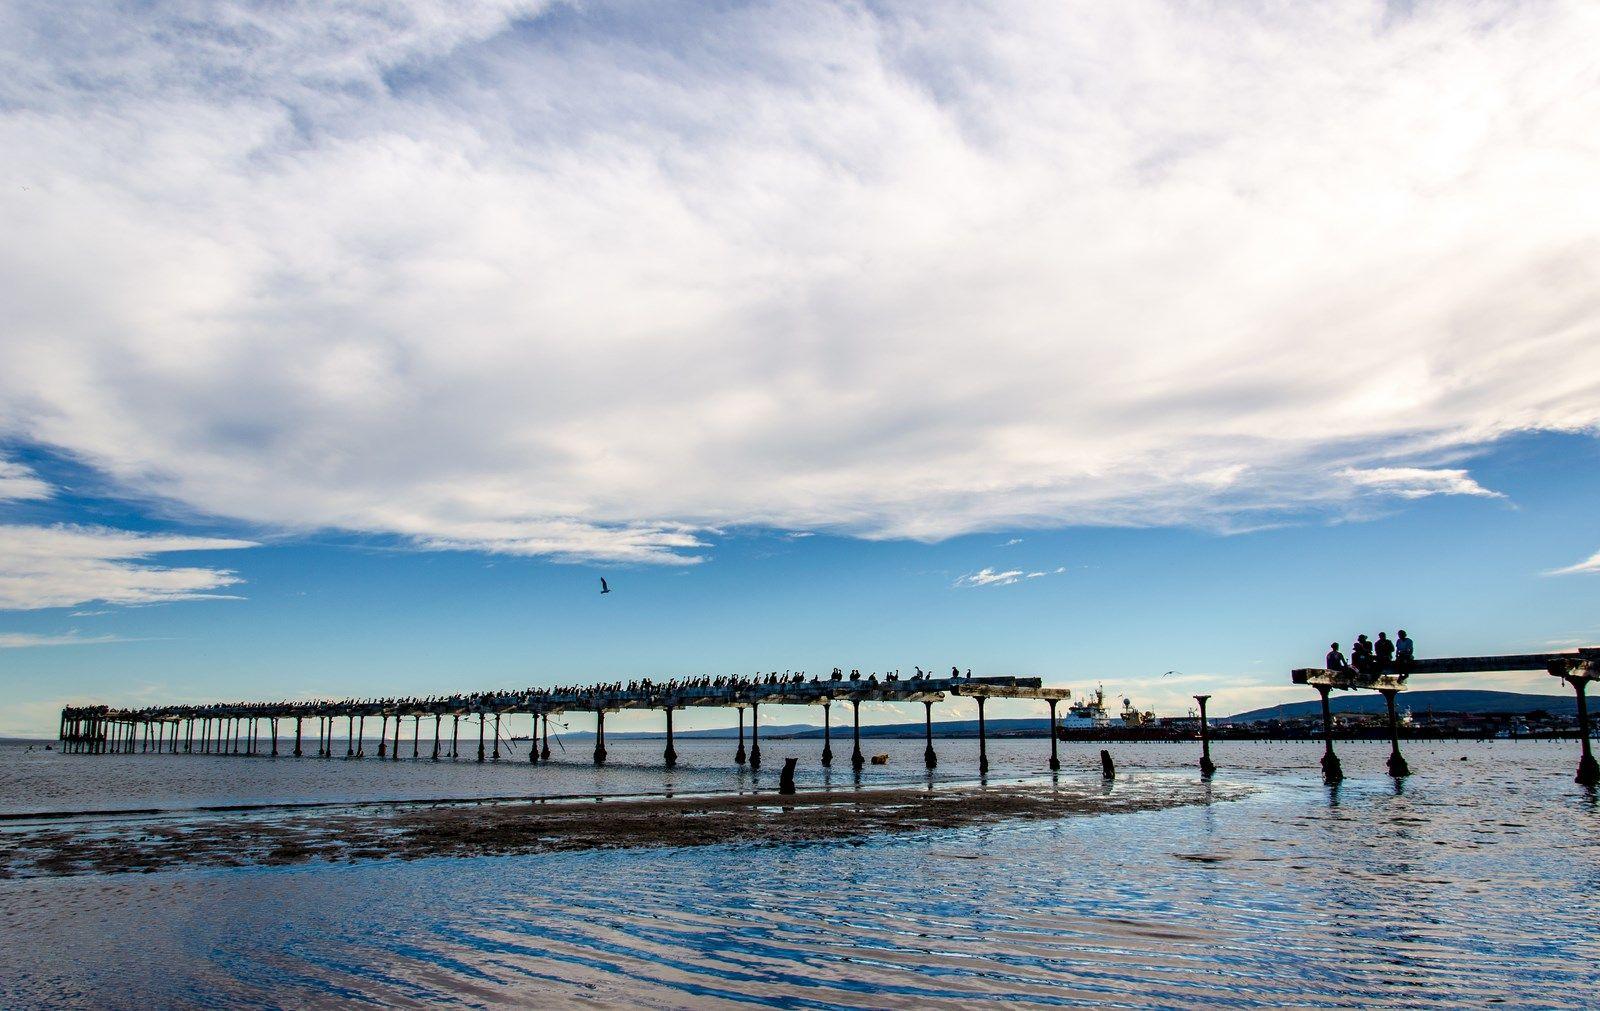 Antoiguo Muelle en Costanera del Estrecho, Punta Arenas, Magallanes